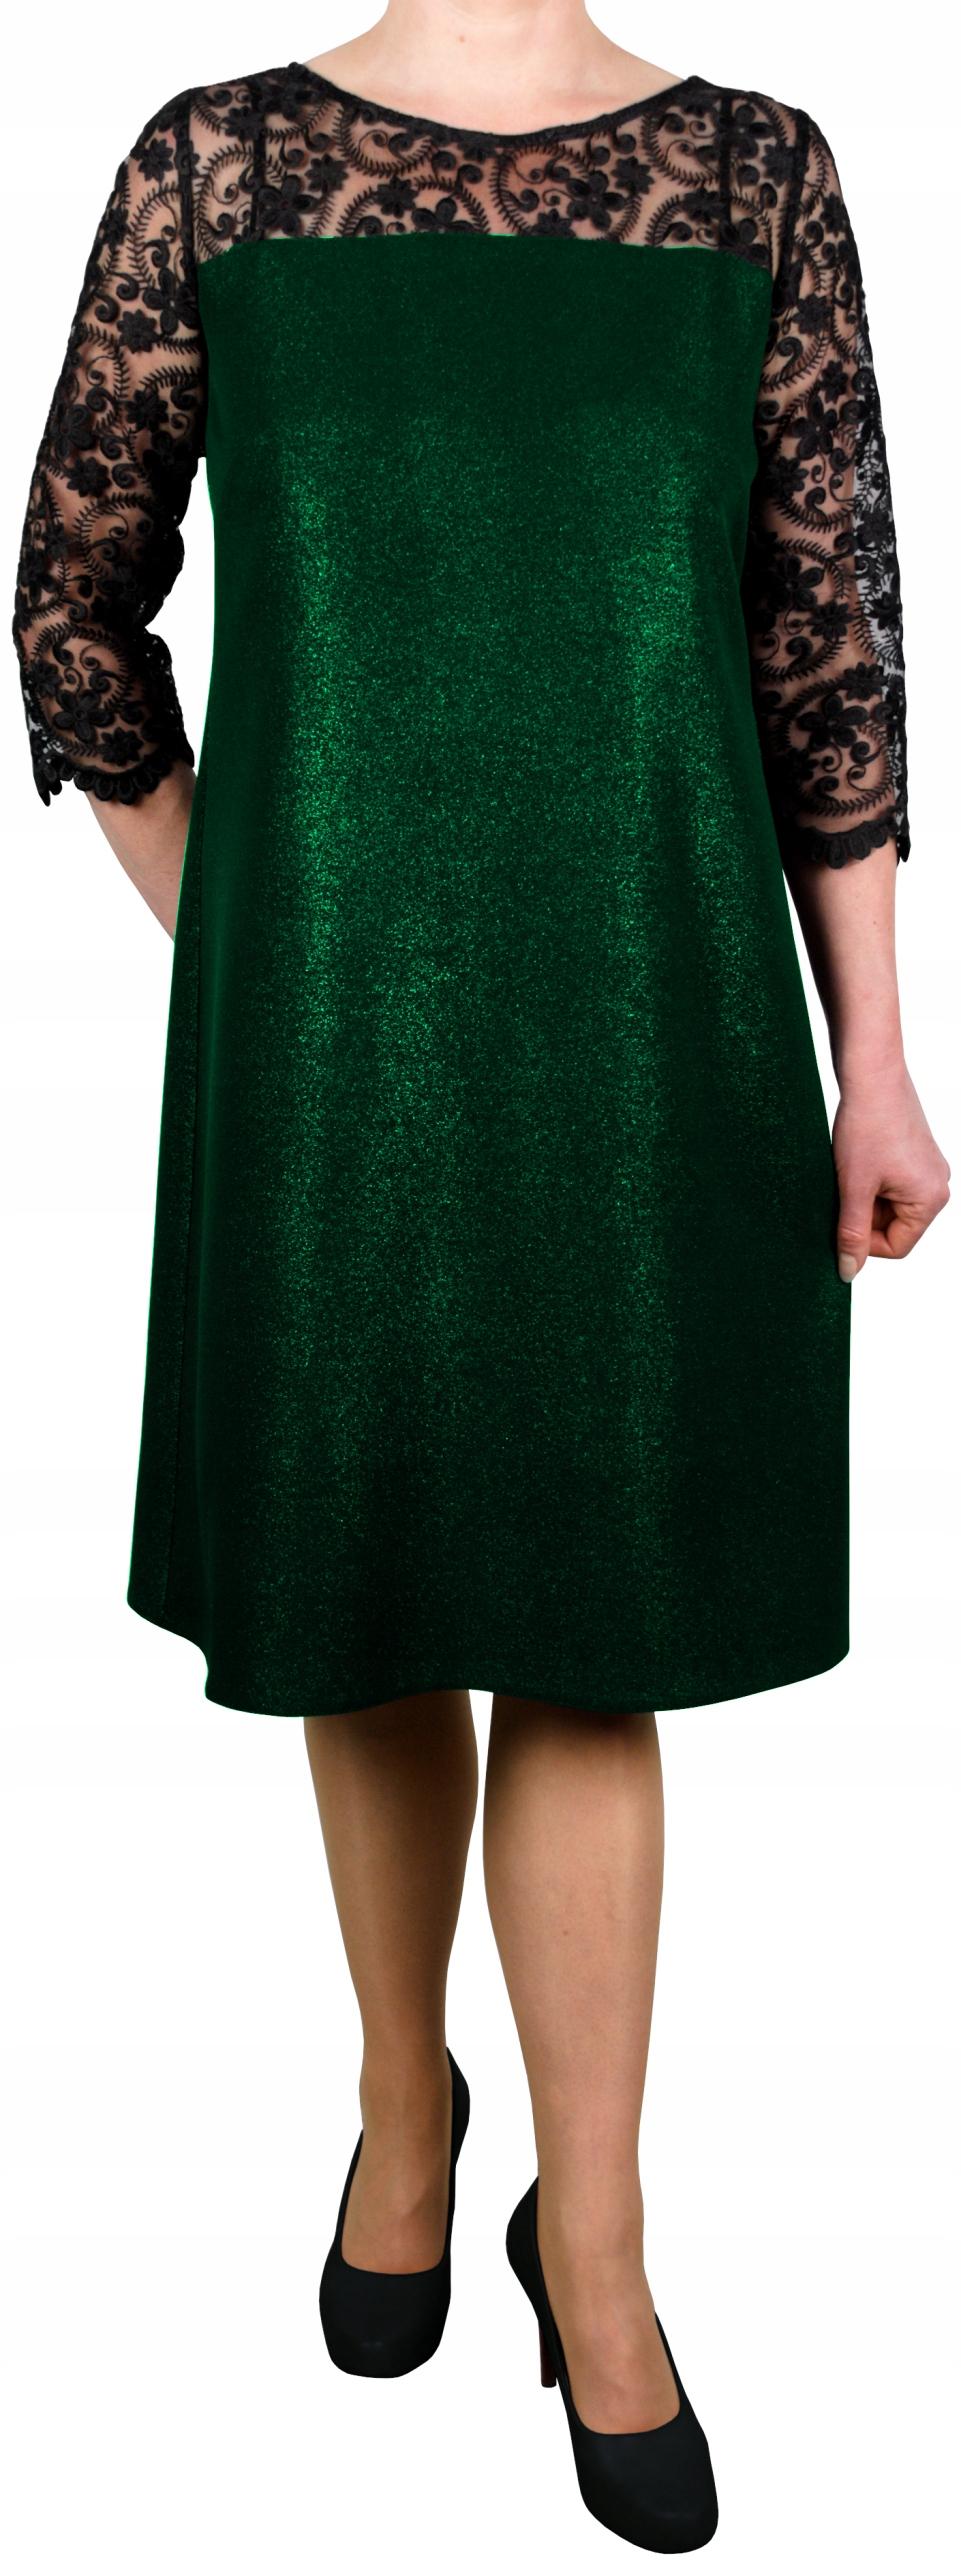 Sukienka wizytowa koronka but zieleń błyszcząca 42